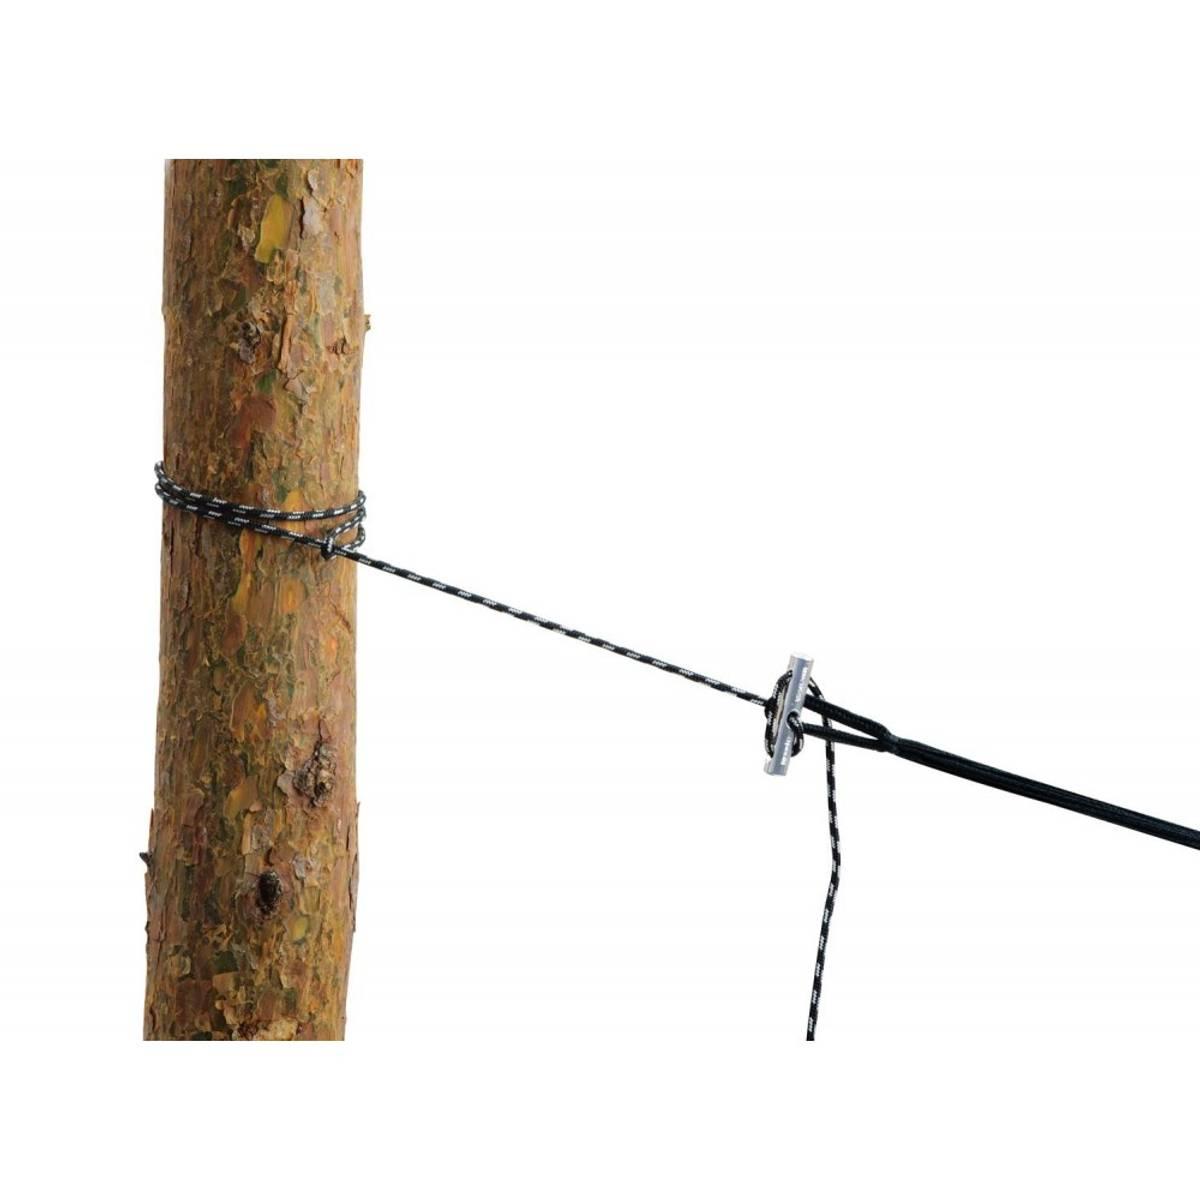 Amazonas Ultralight Microrope